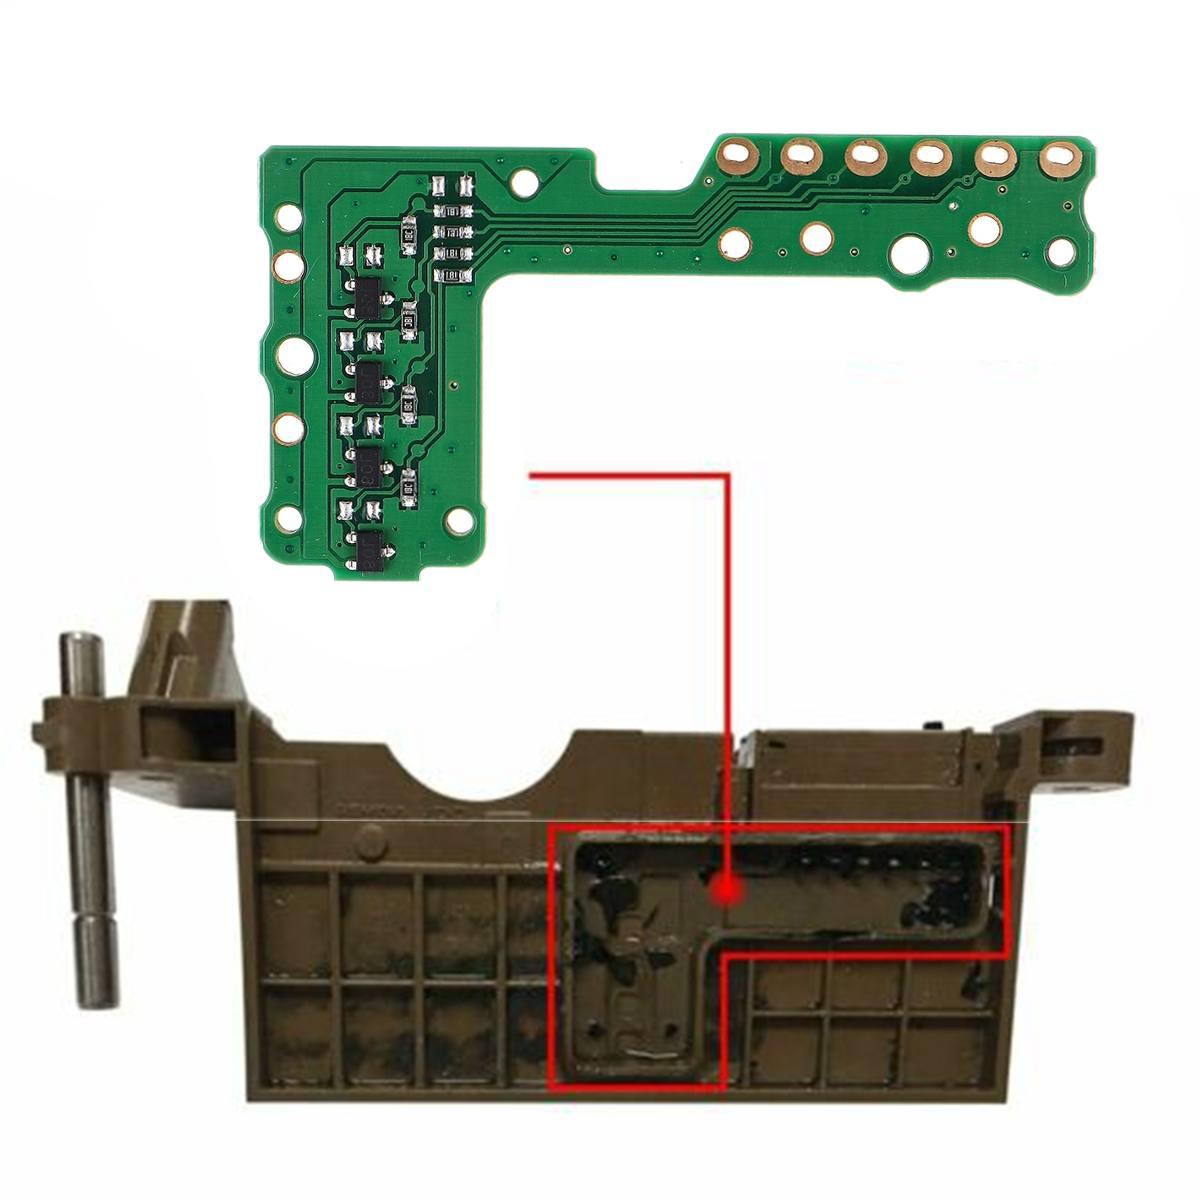 Transmission Gear Sensor Repair Board For BMW F02 6HP21 for Jaguar XF